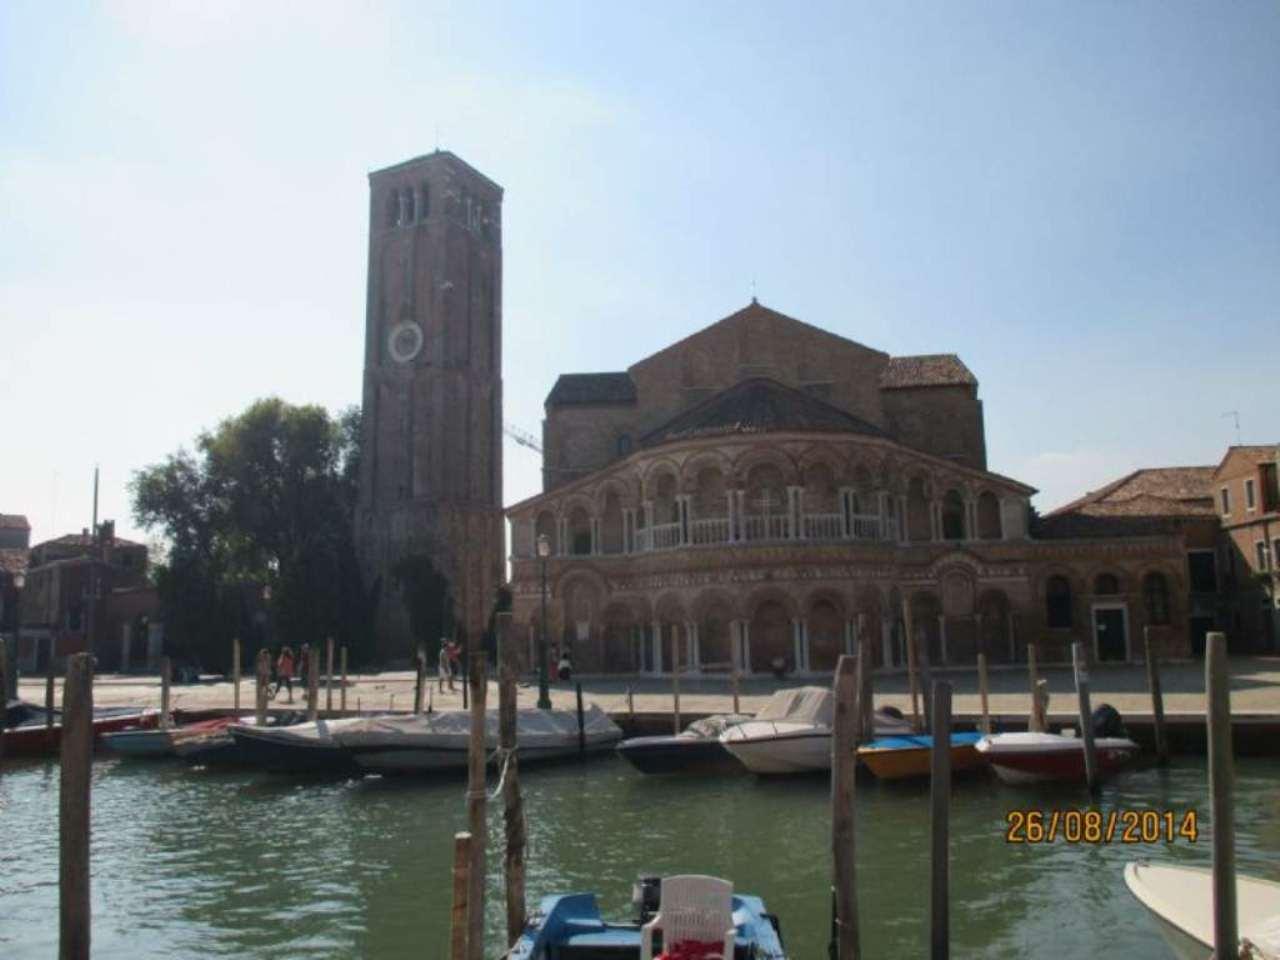 Bilocale Venezia Fondamenta Fondamenta Navagero 5